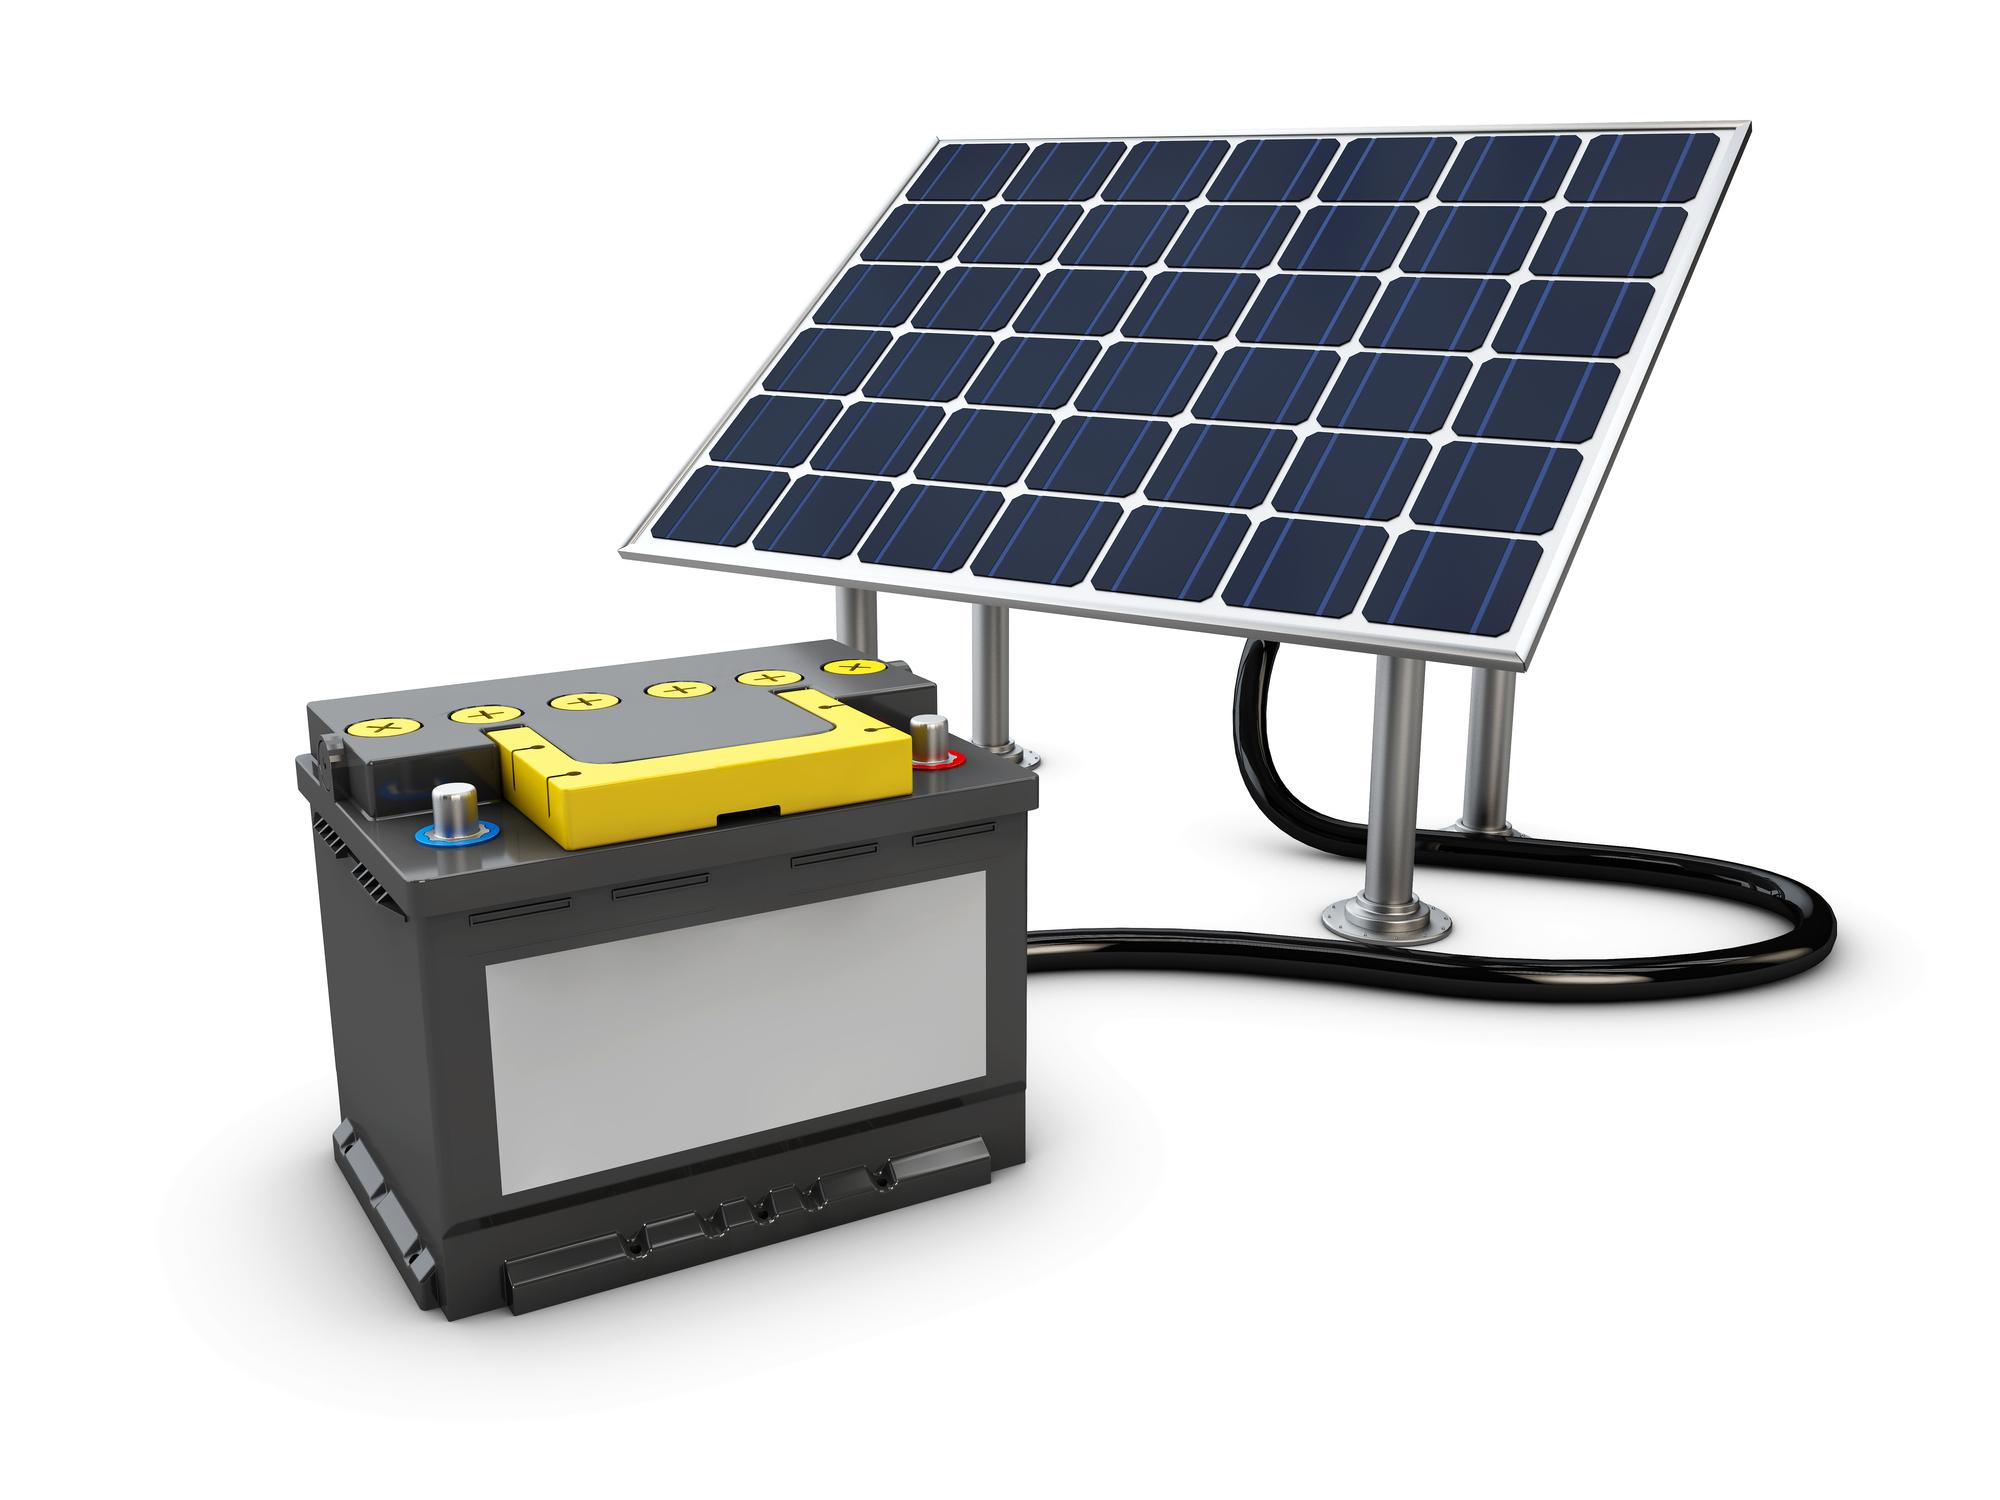 対う要項発電と蓄電池のイメージ